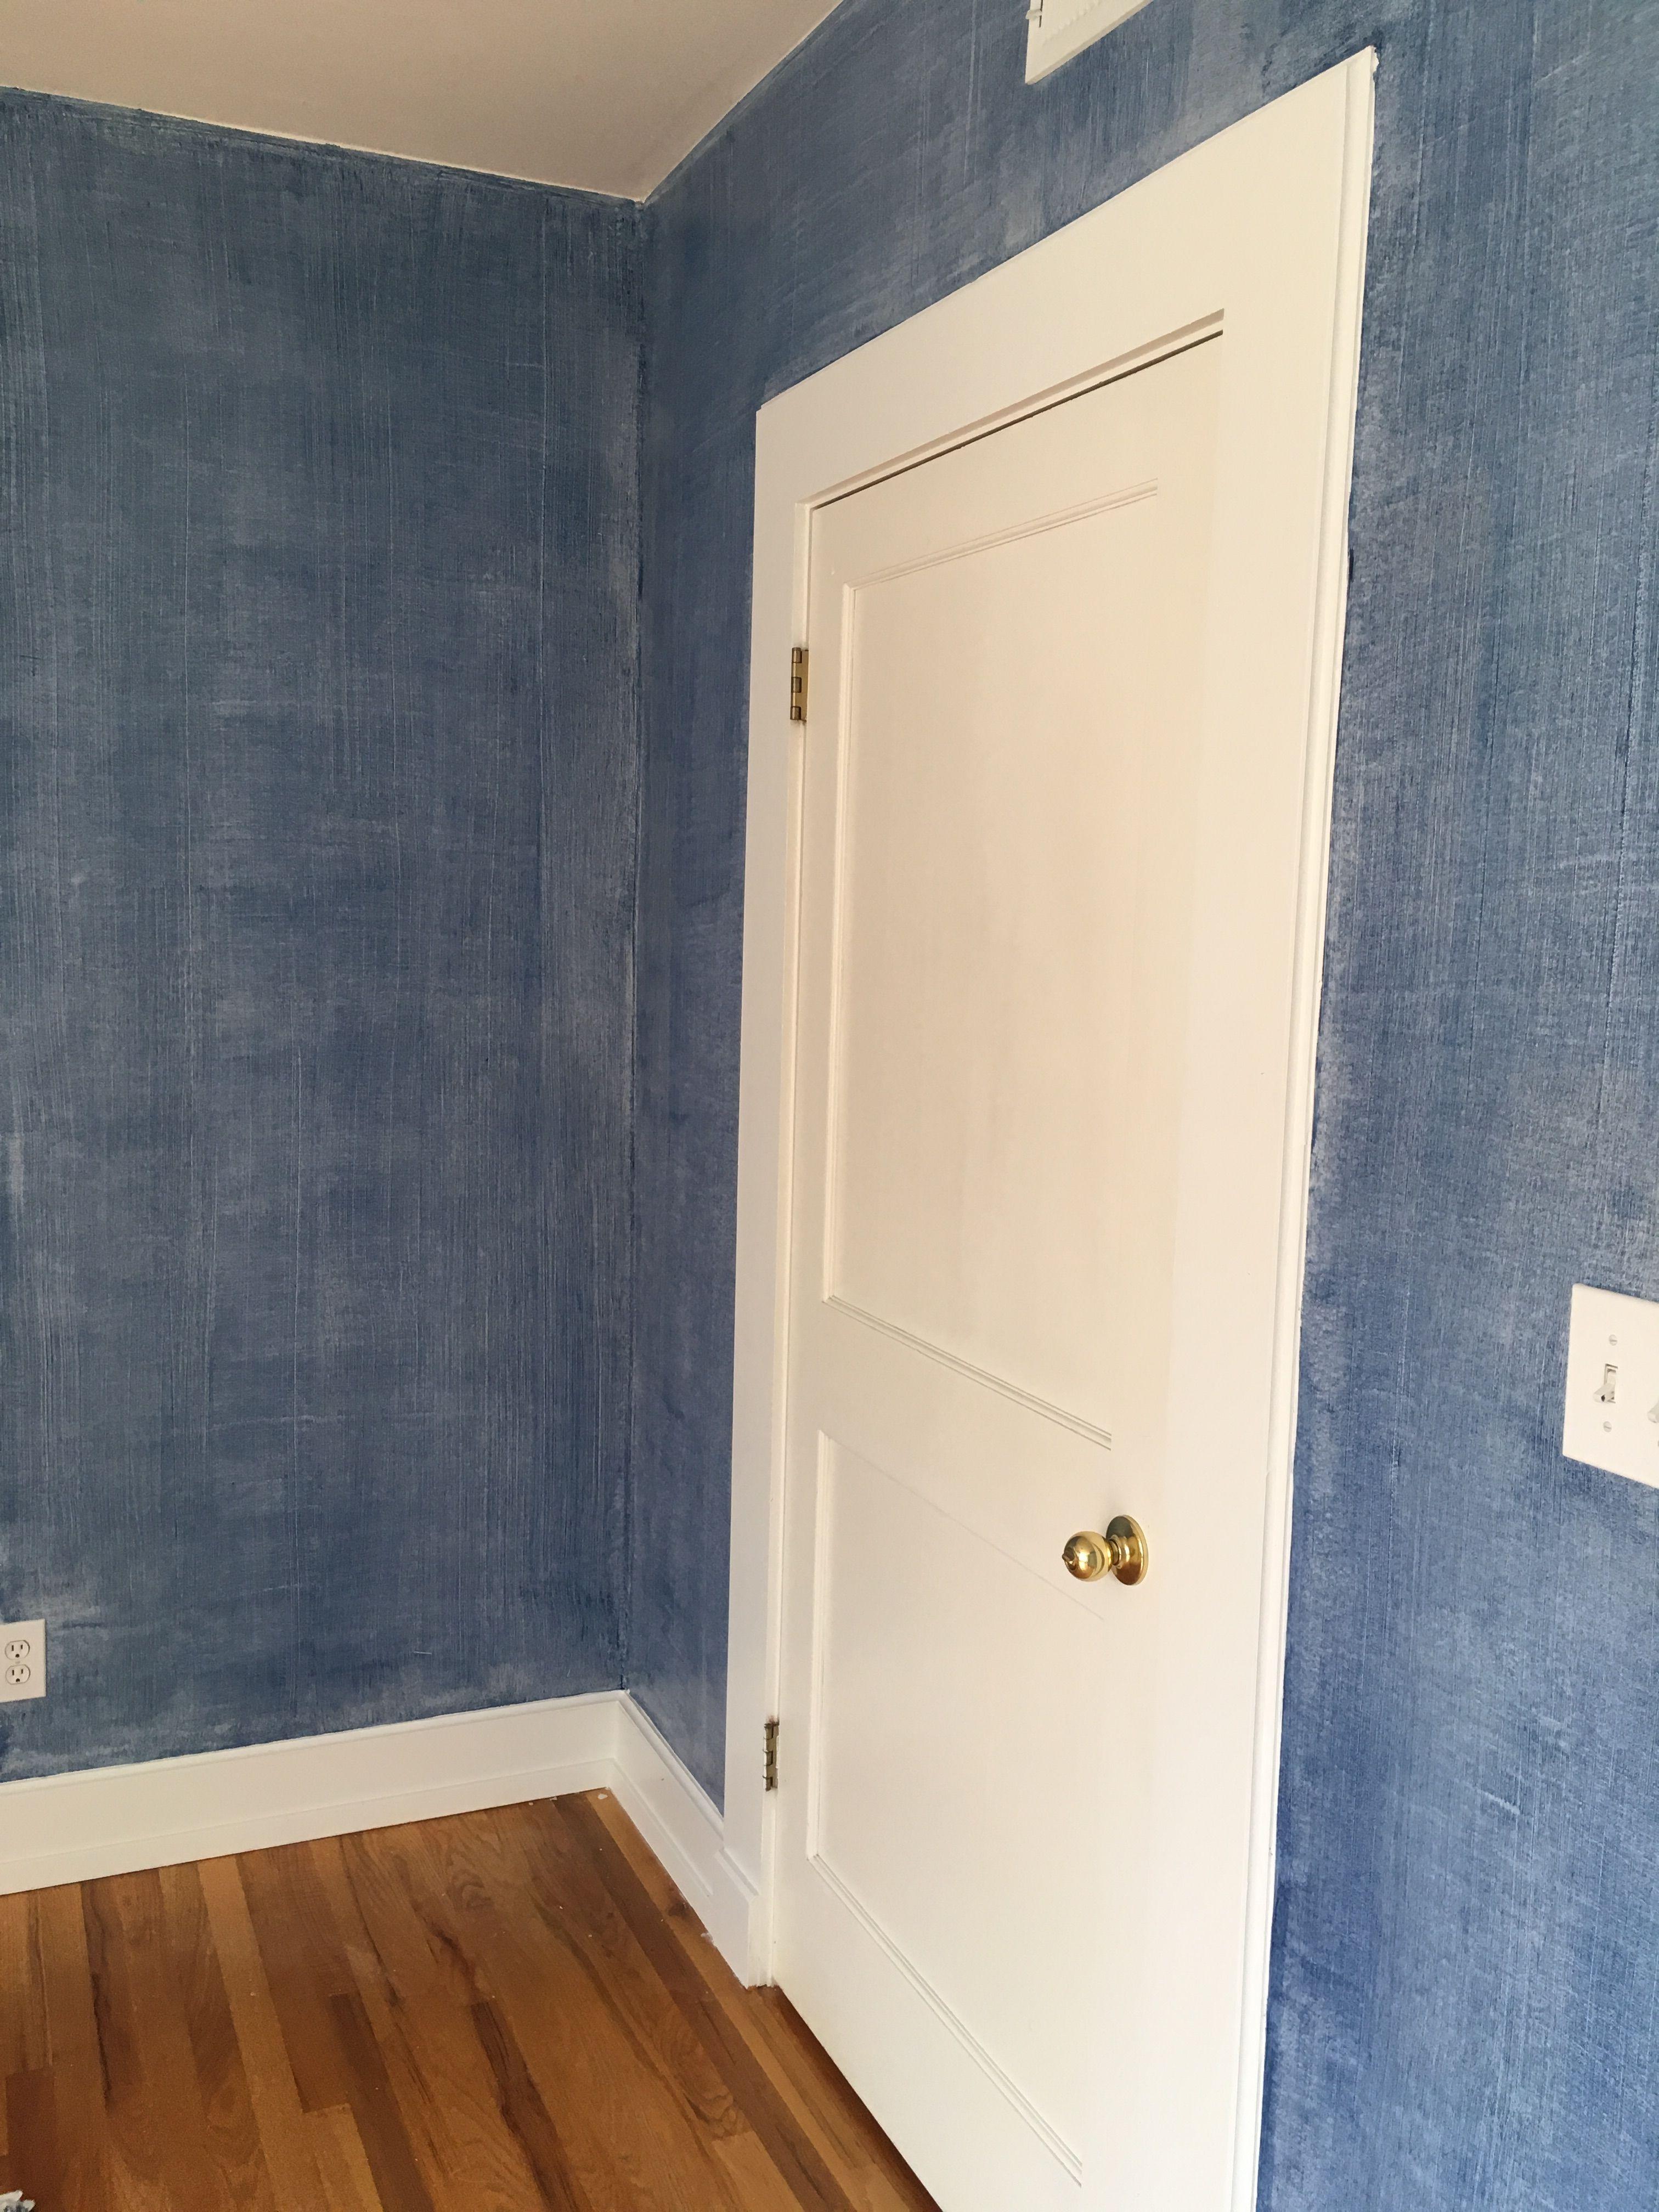 Ralph Lauren Denim Faux Finish Technique House Painting Painting Projects Painted Denim